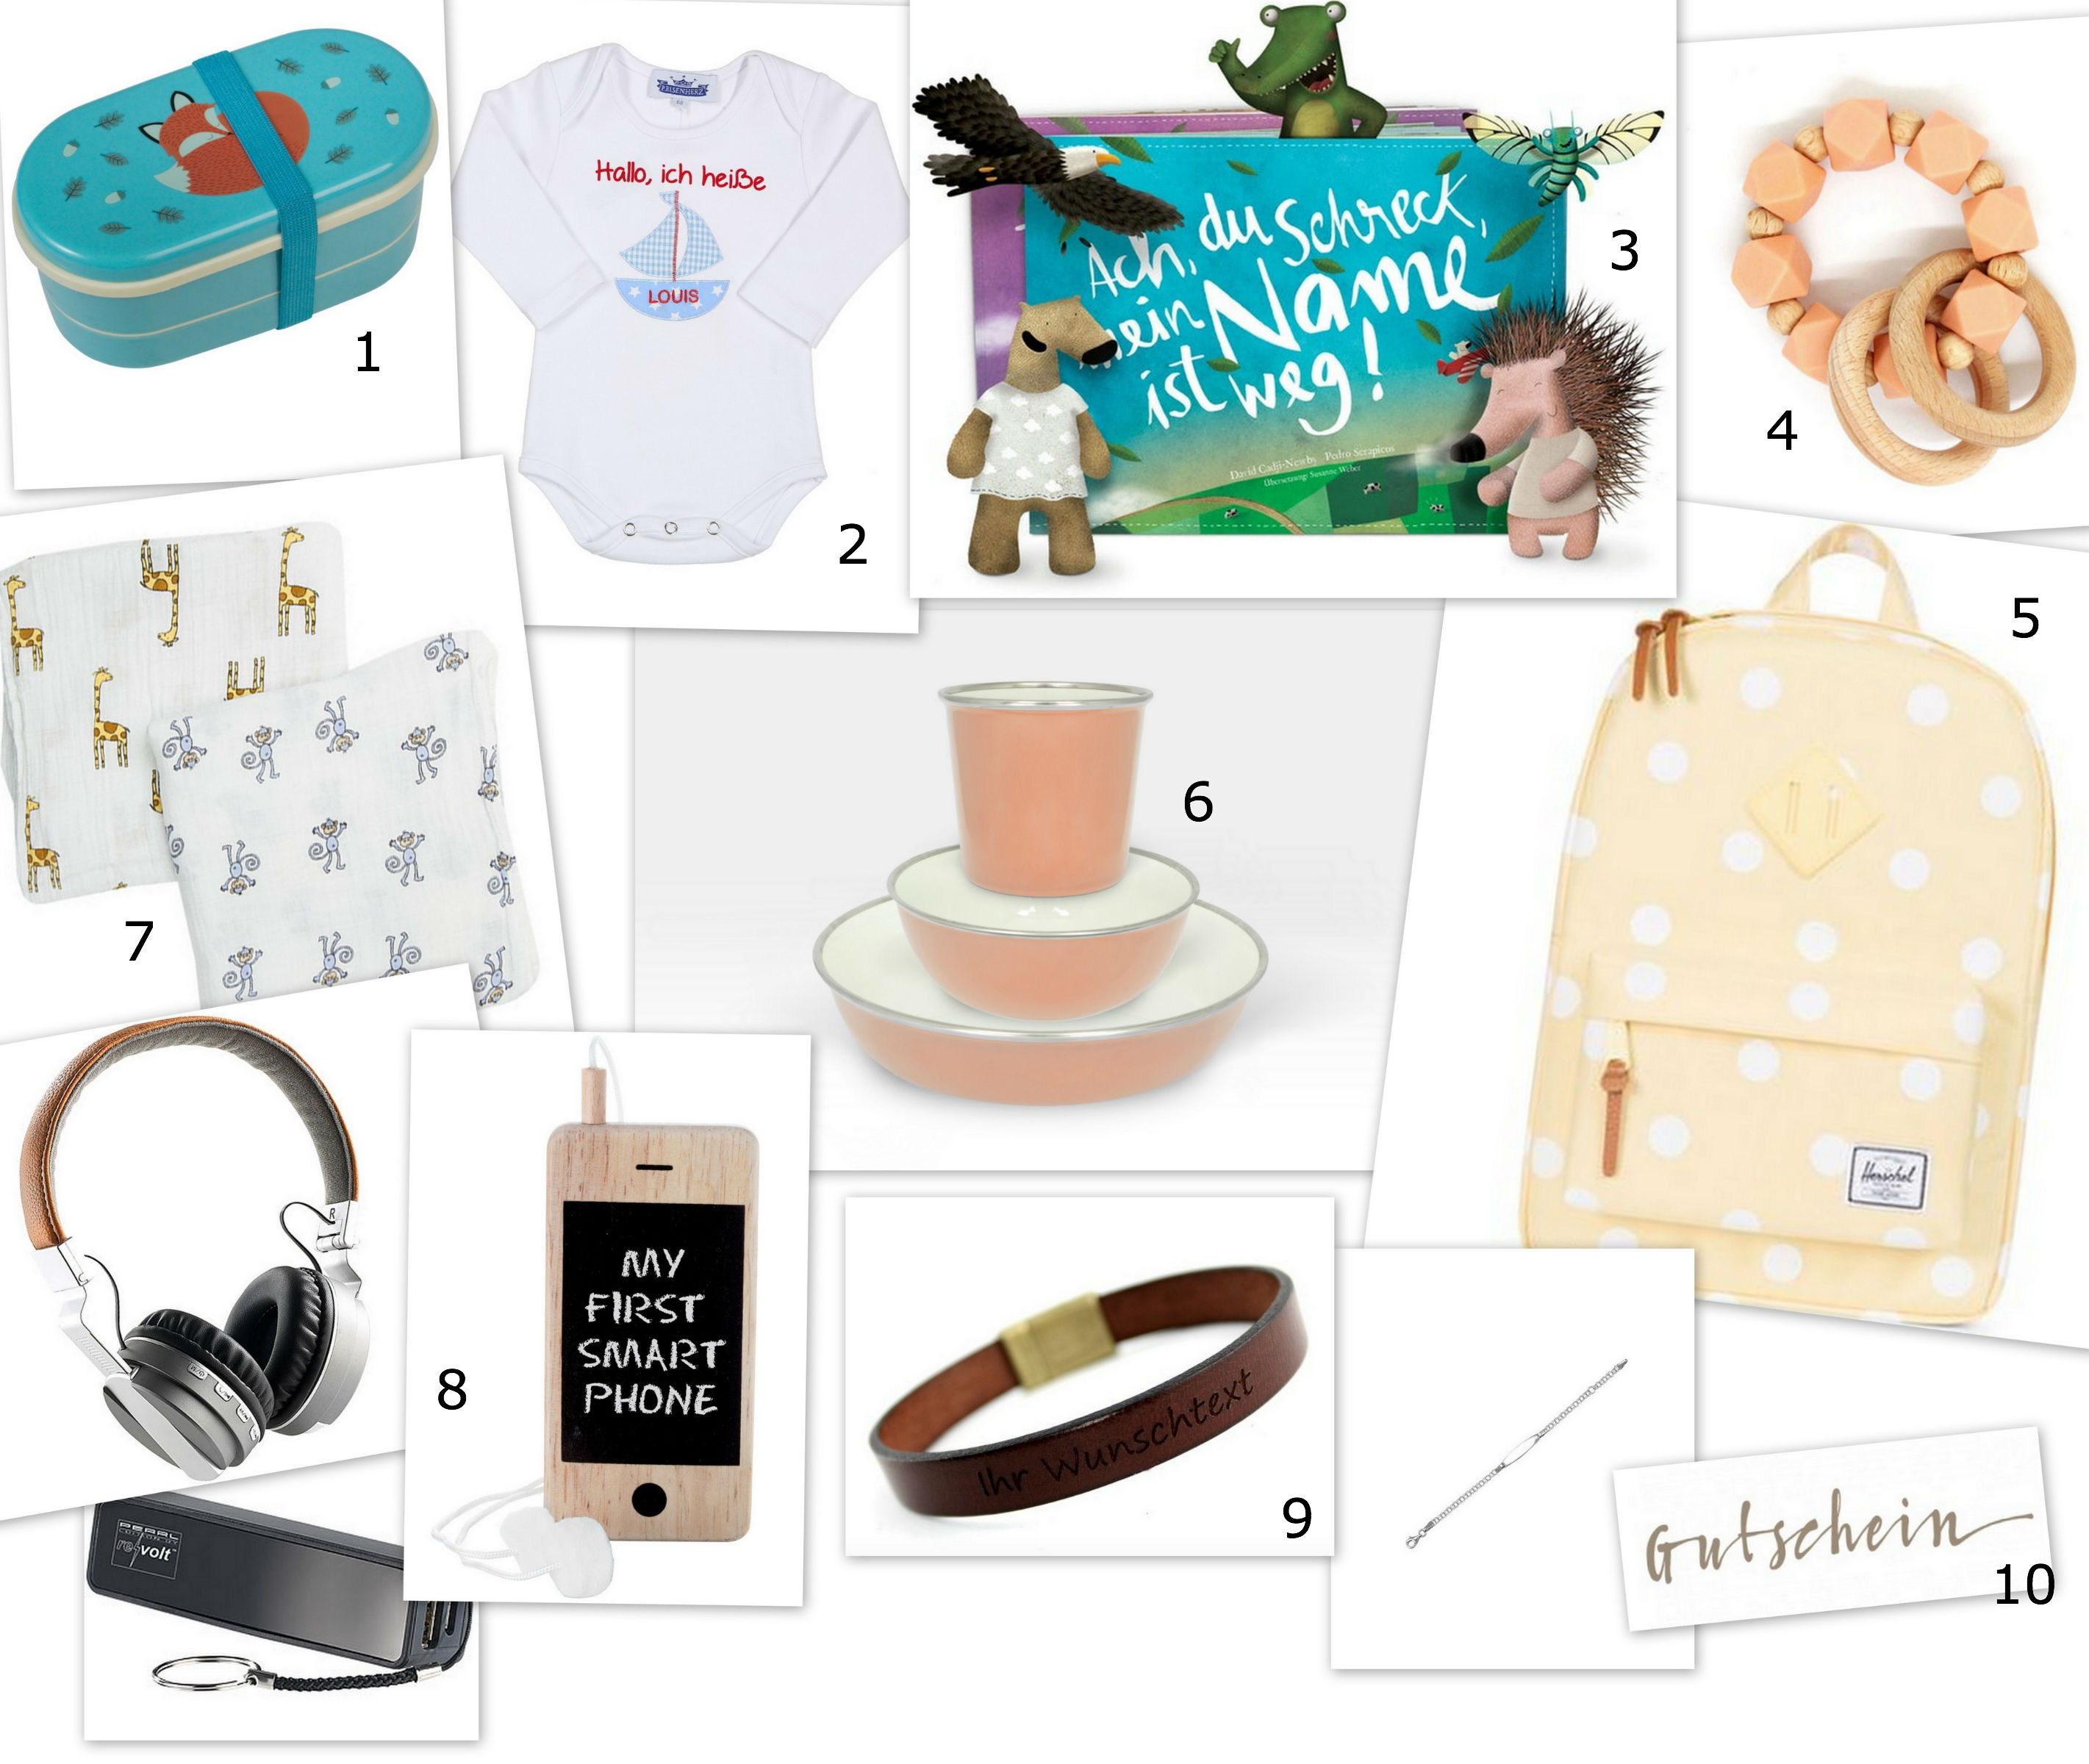 Sinnvolle Geschenke Zur Geburt  10 sinnvolle und schöne Geschenke zur Geburt Einfach